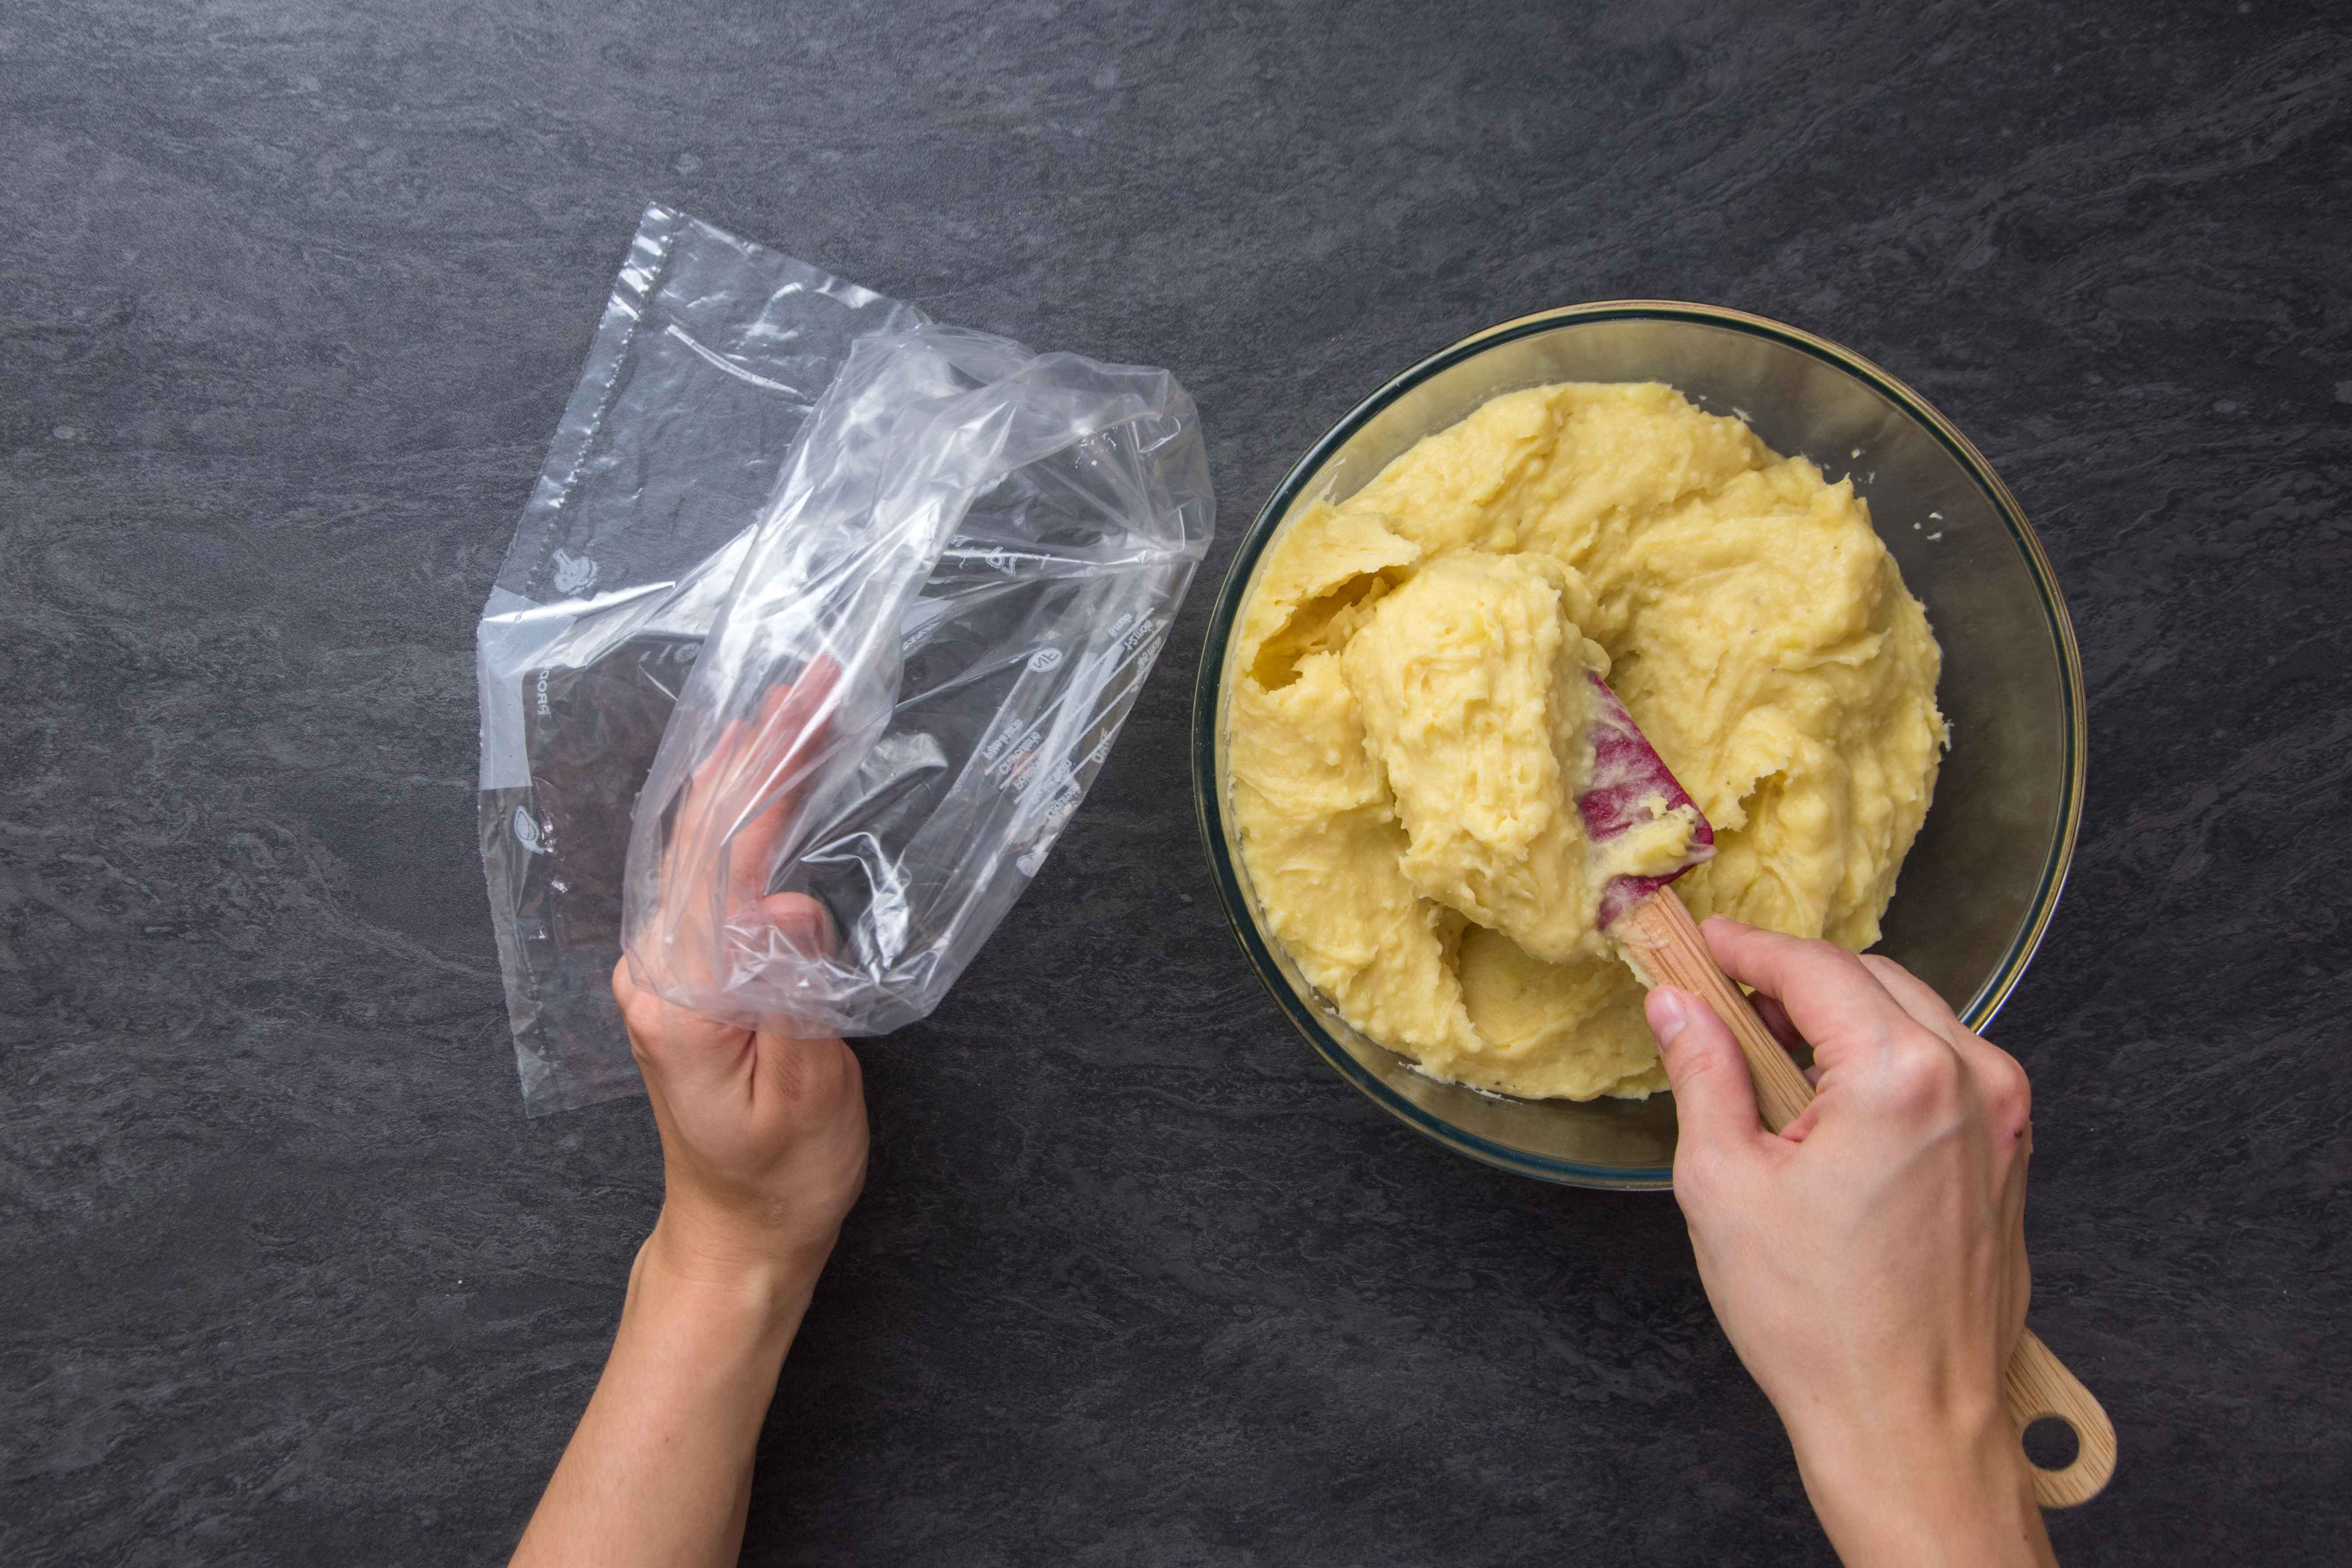 Recette pommes dauphines - étape 2 : remplir la douche à douilles